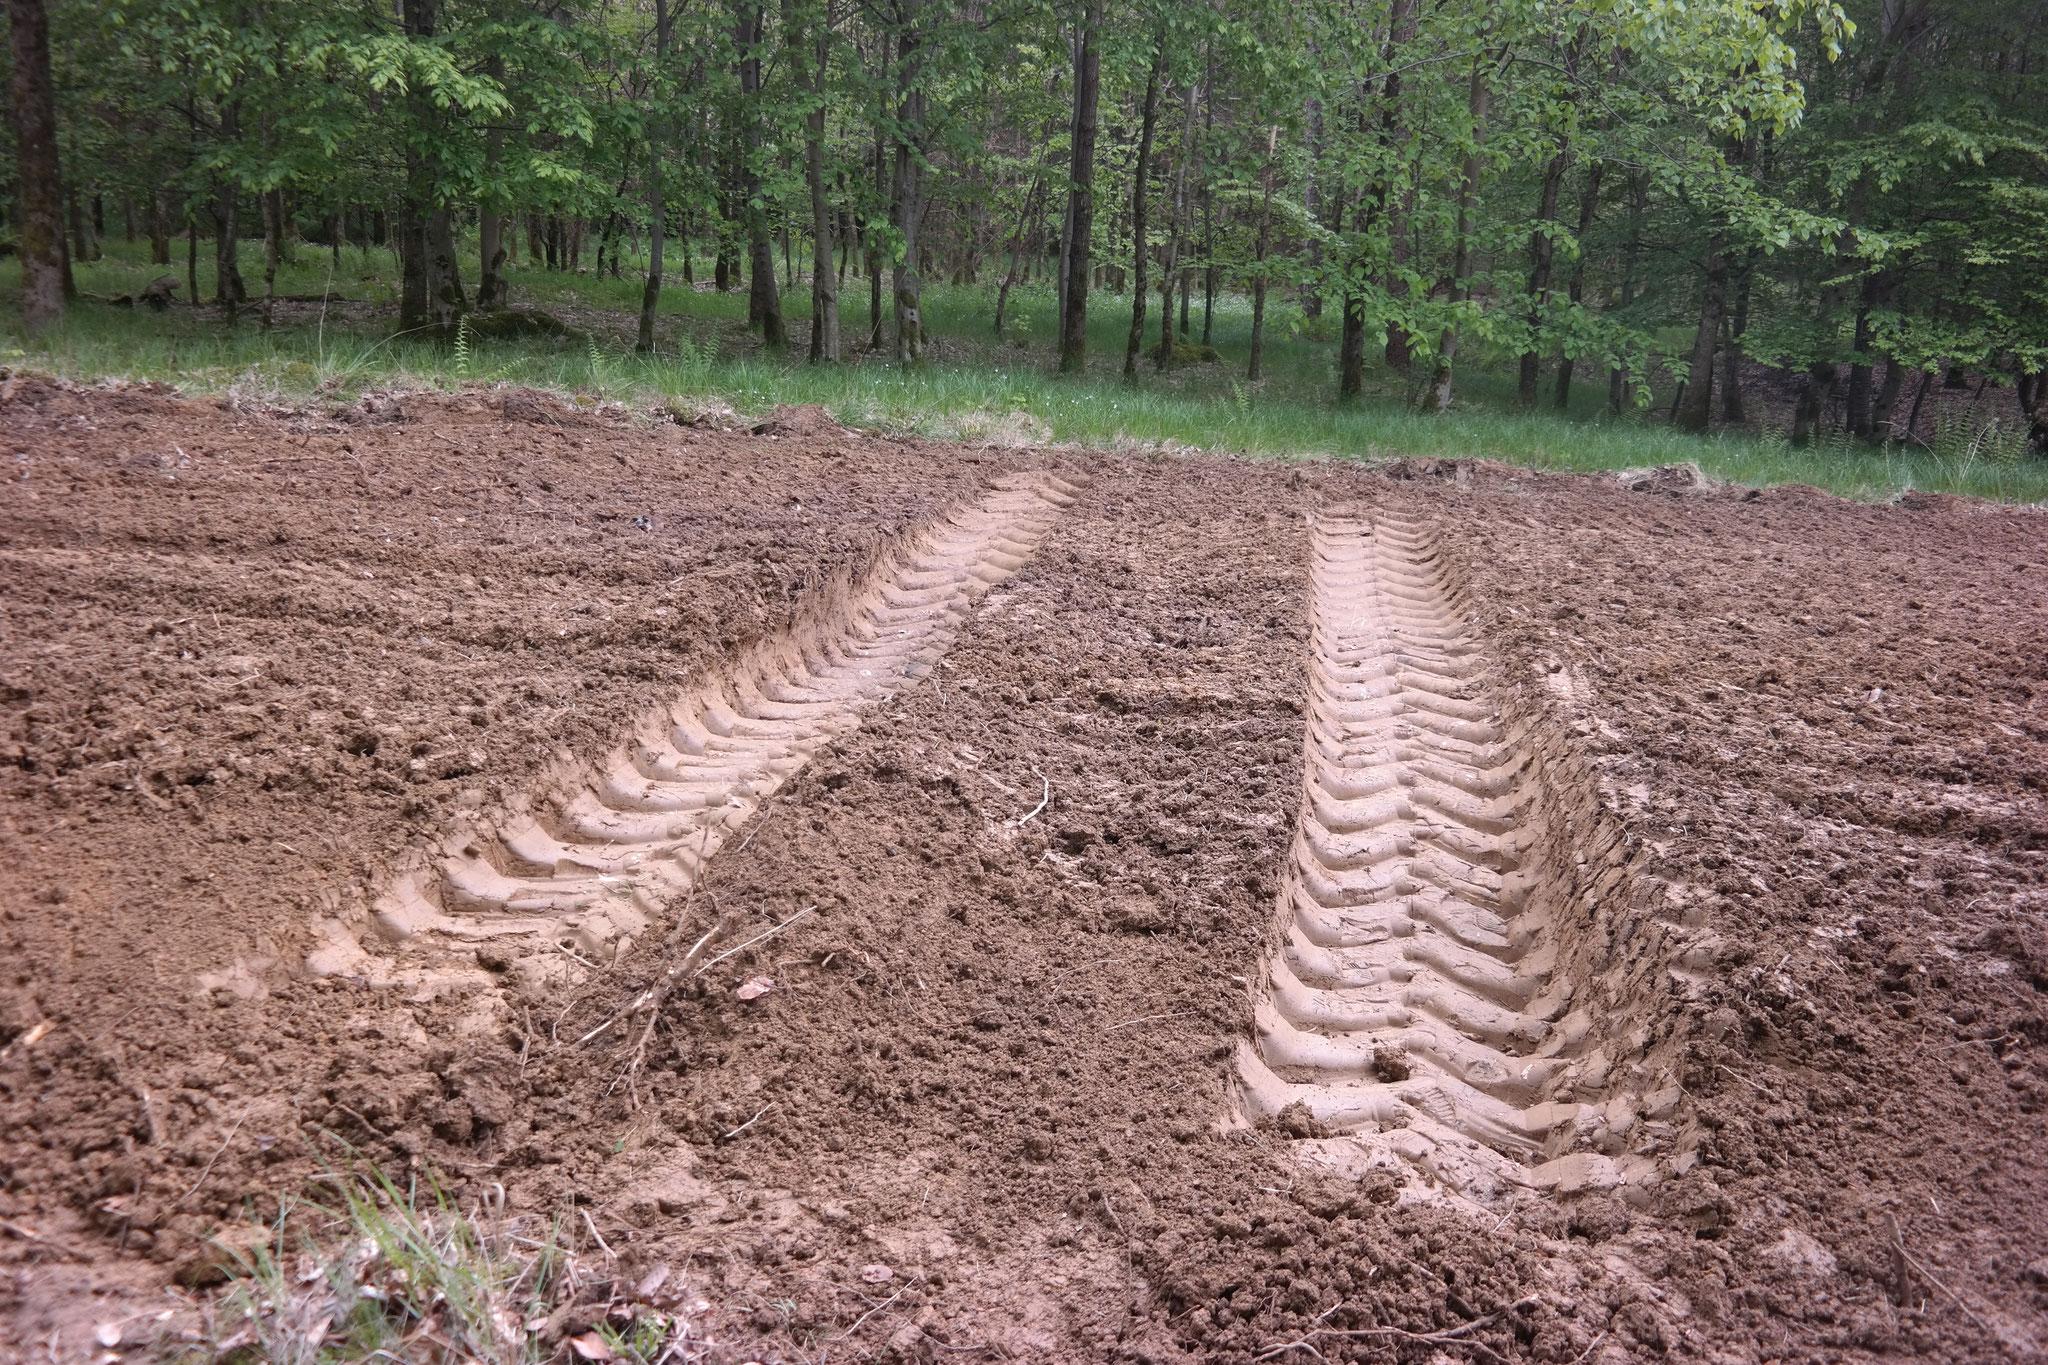 Bei guter Bodenfeuchtigkeit entstehen ausreichend tiefe Fahrspuren...